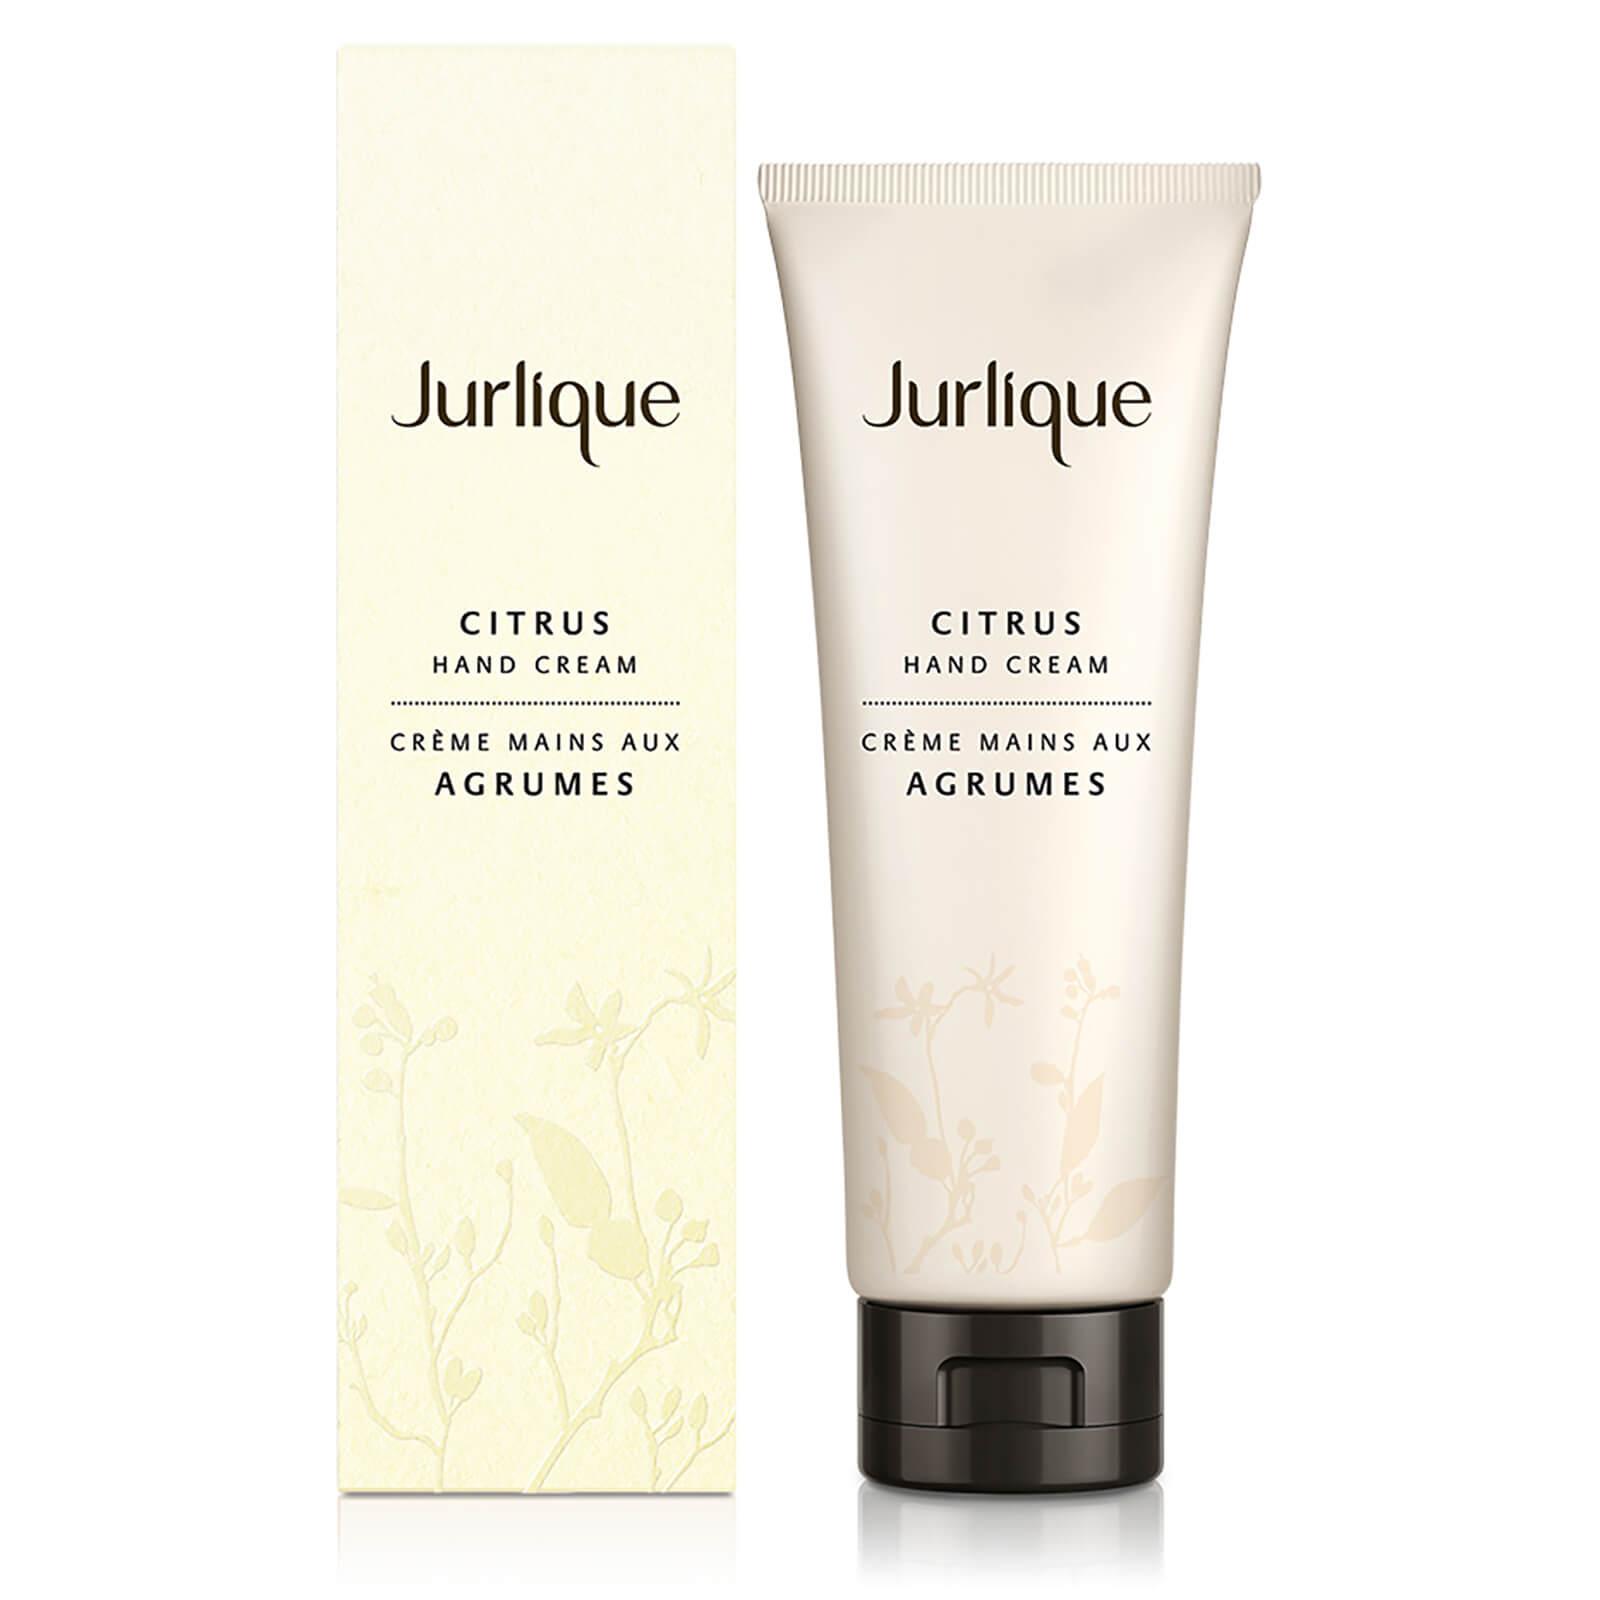 Jurlique Citrus Hand Cream (125ml)